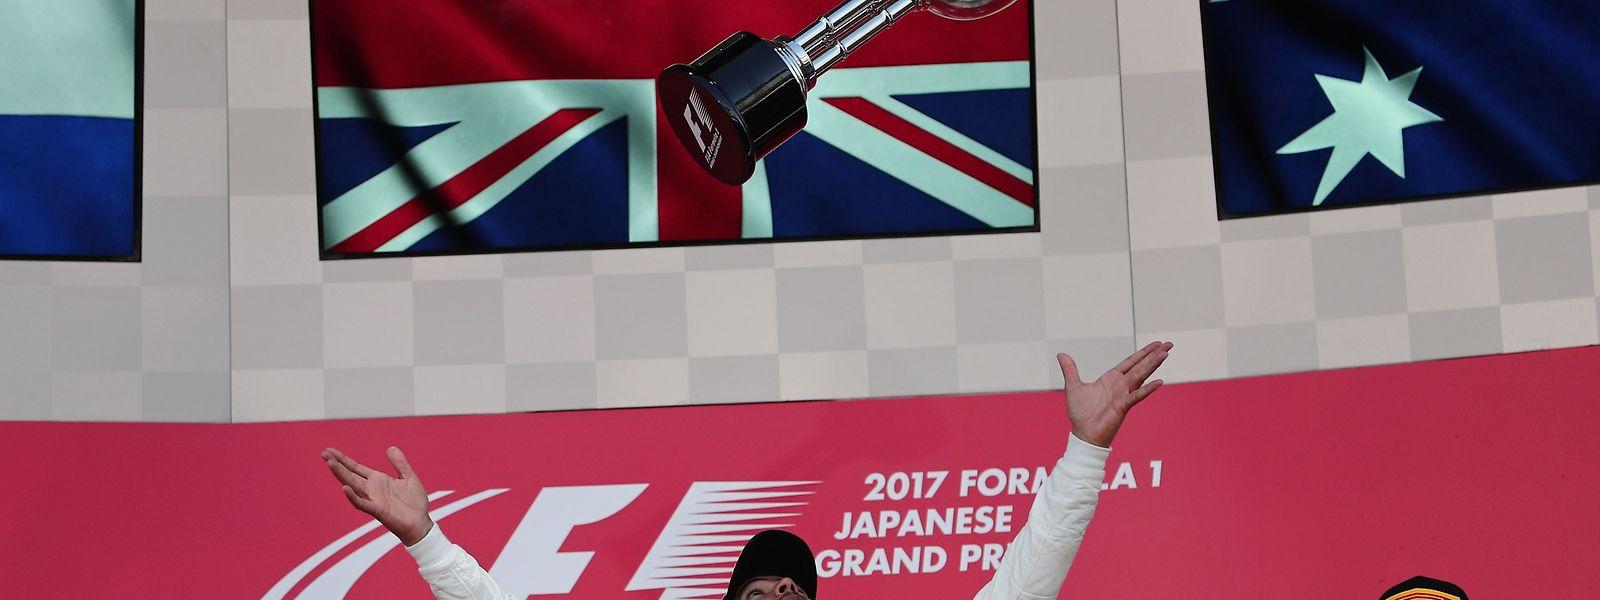 Es ist zum Pokalhochwerfen: Lewis Hamilton (M.) gewinnt den Grand Prix von Japan vor Max Verstappen (l.) und Daniel Ricciardo (r.).